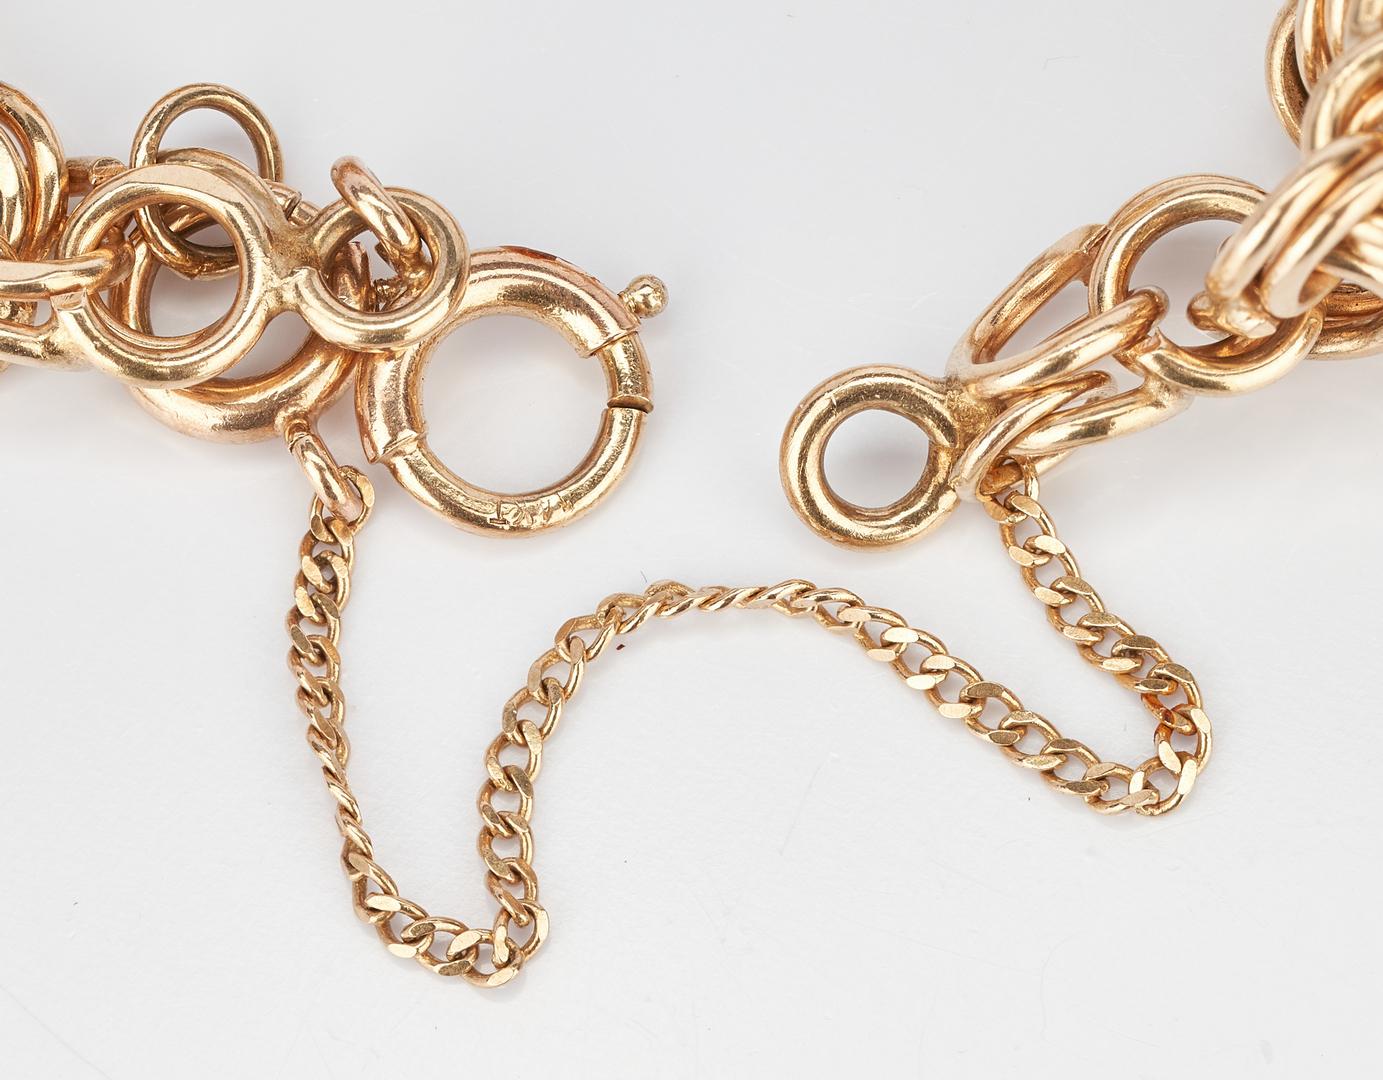 Lot 226: 14k Charm Bracelet, 6 Charms